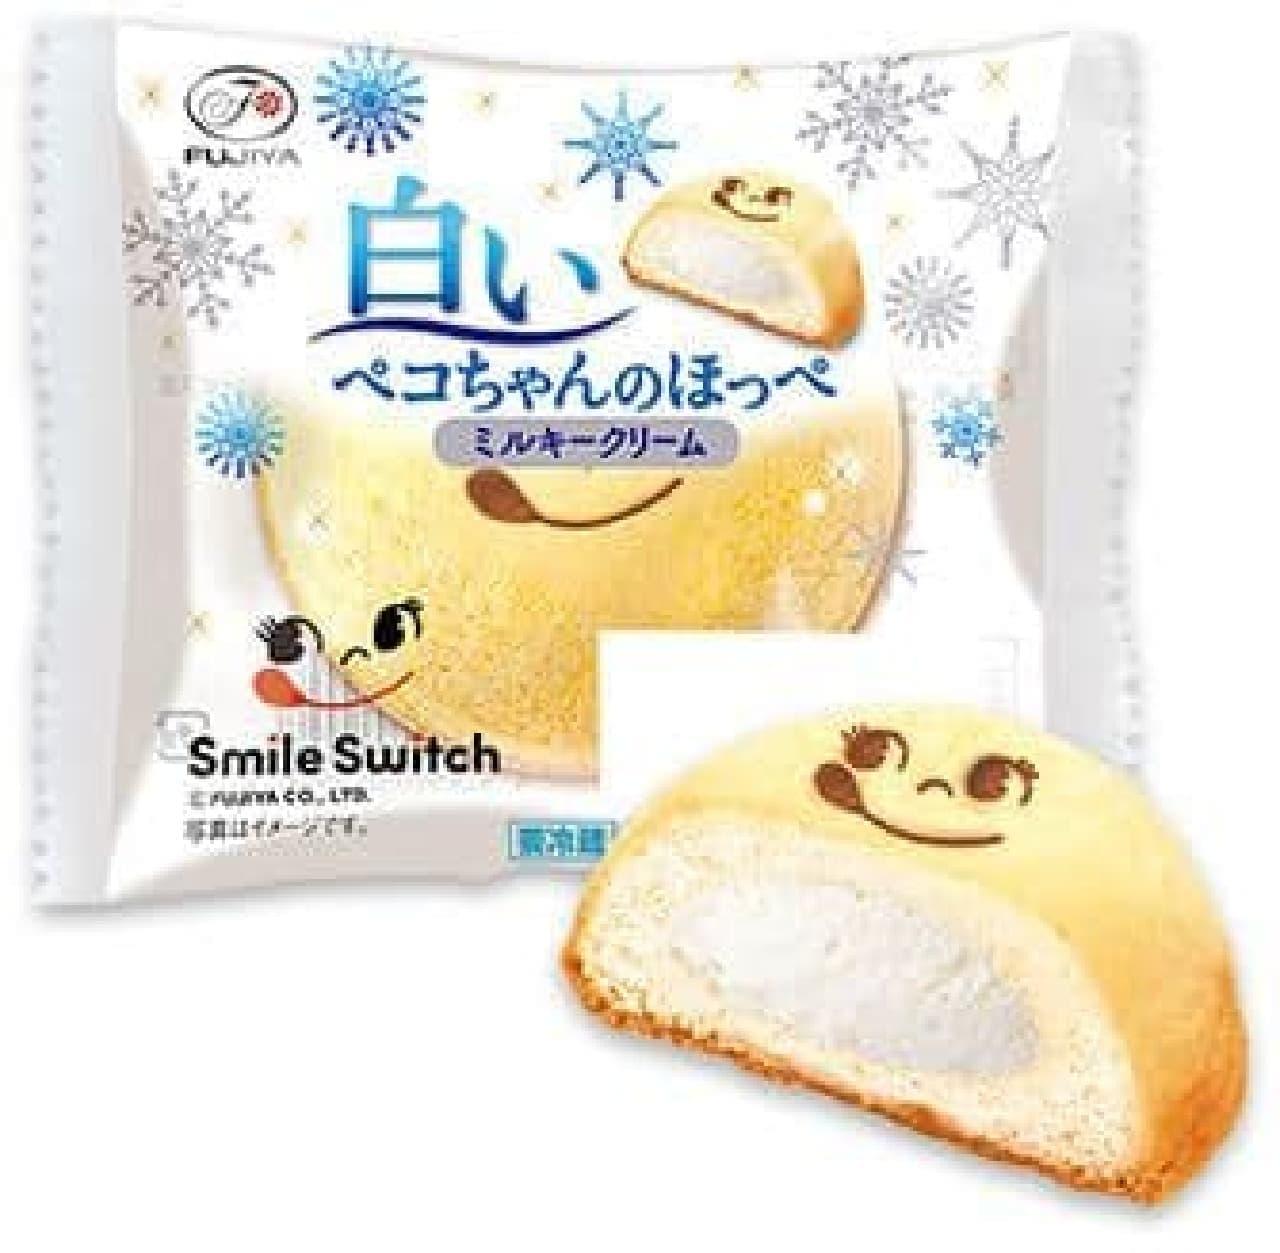 不二家洋菓子店「白いペコちゃんのほっぺ(ミルキークリーム)」